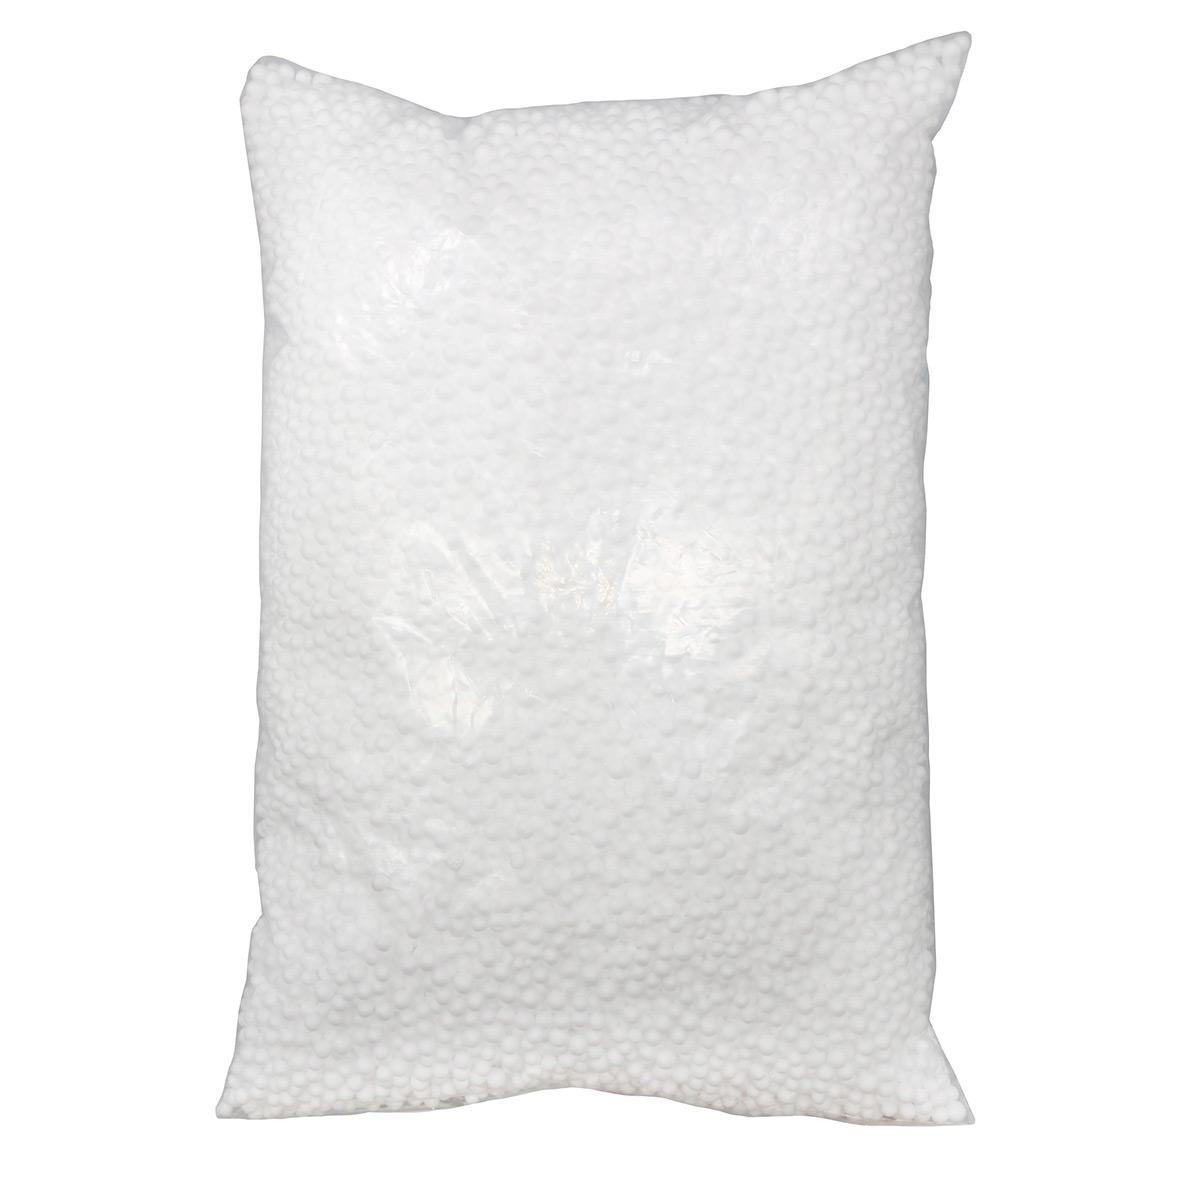 Гранулы пенополистирола 5 литров